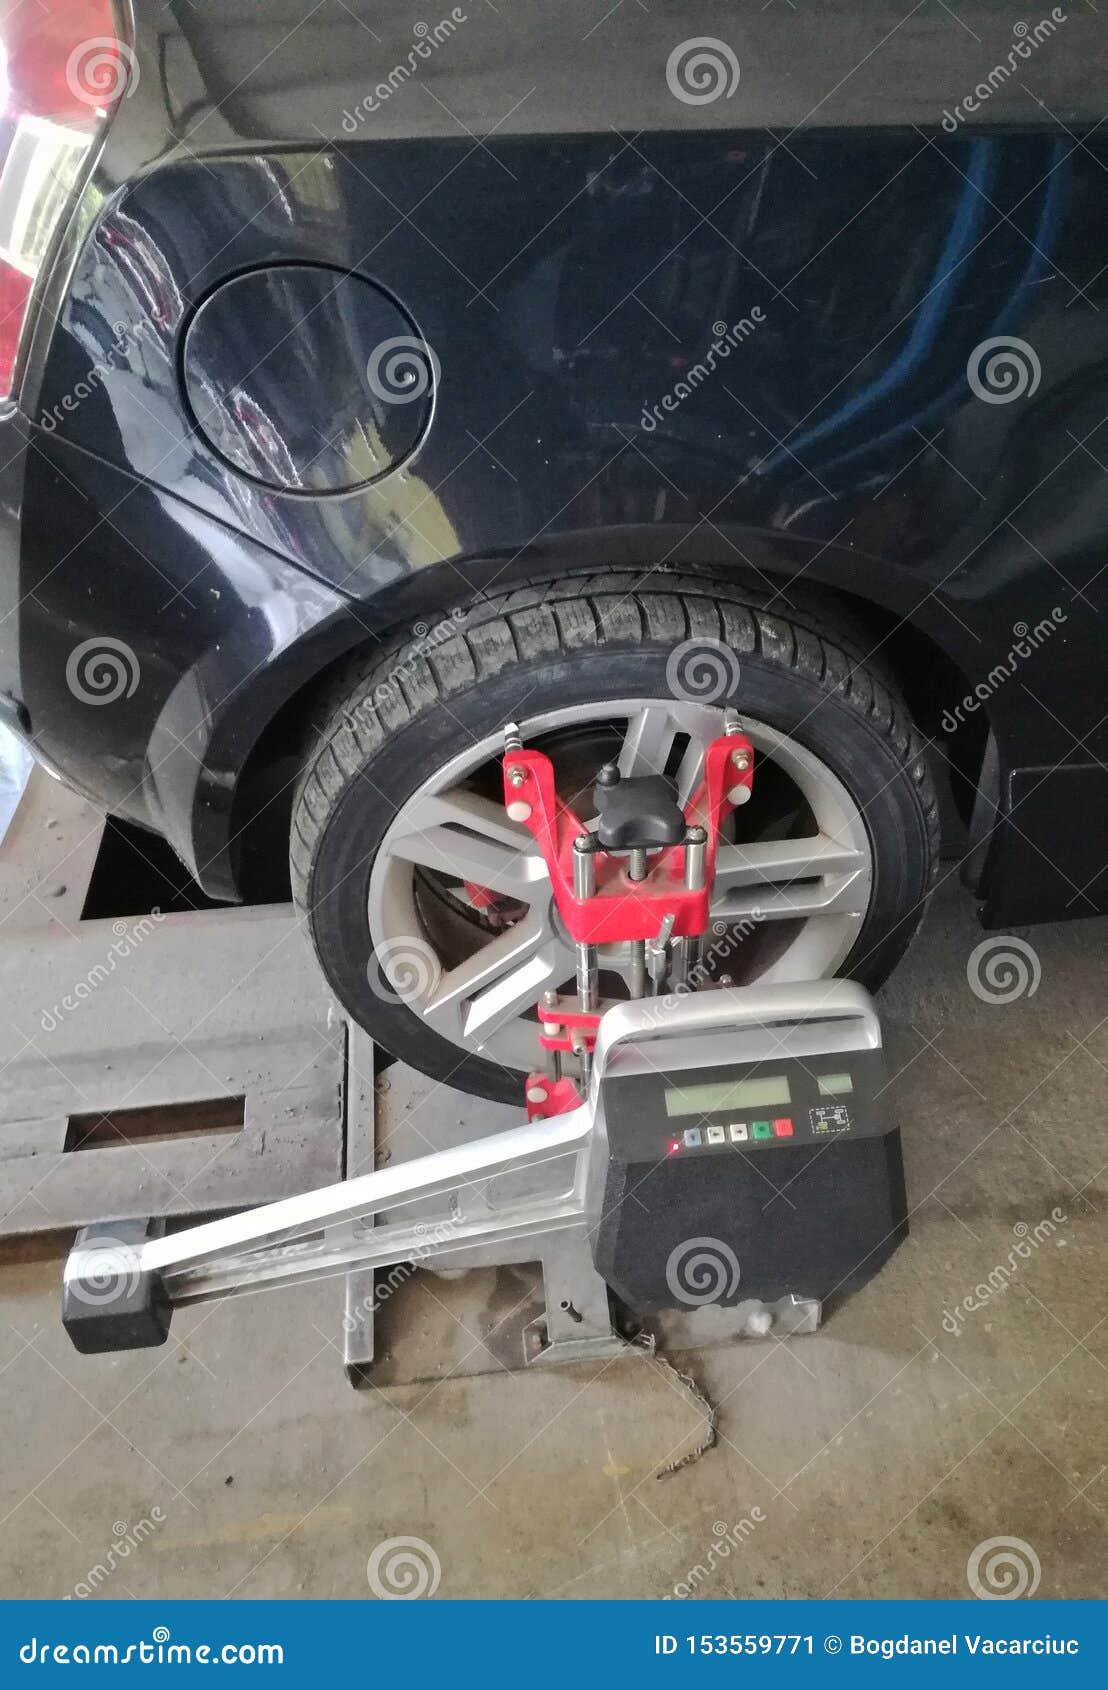 El coche en servicio necesita alinear las ruedas se requiere la alineación de rueda